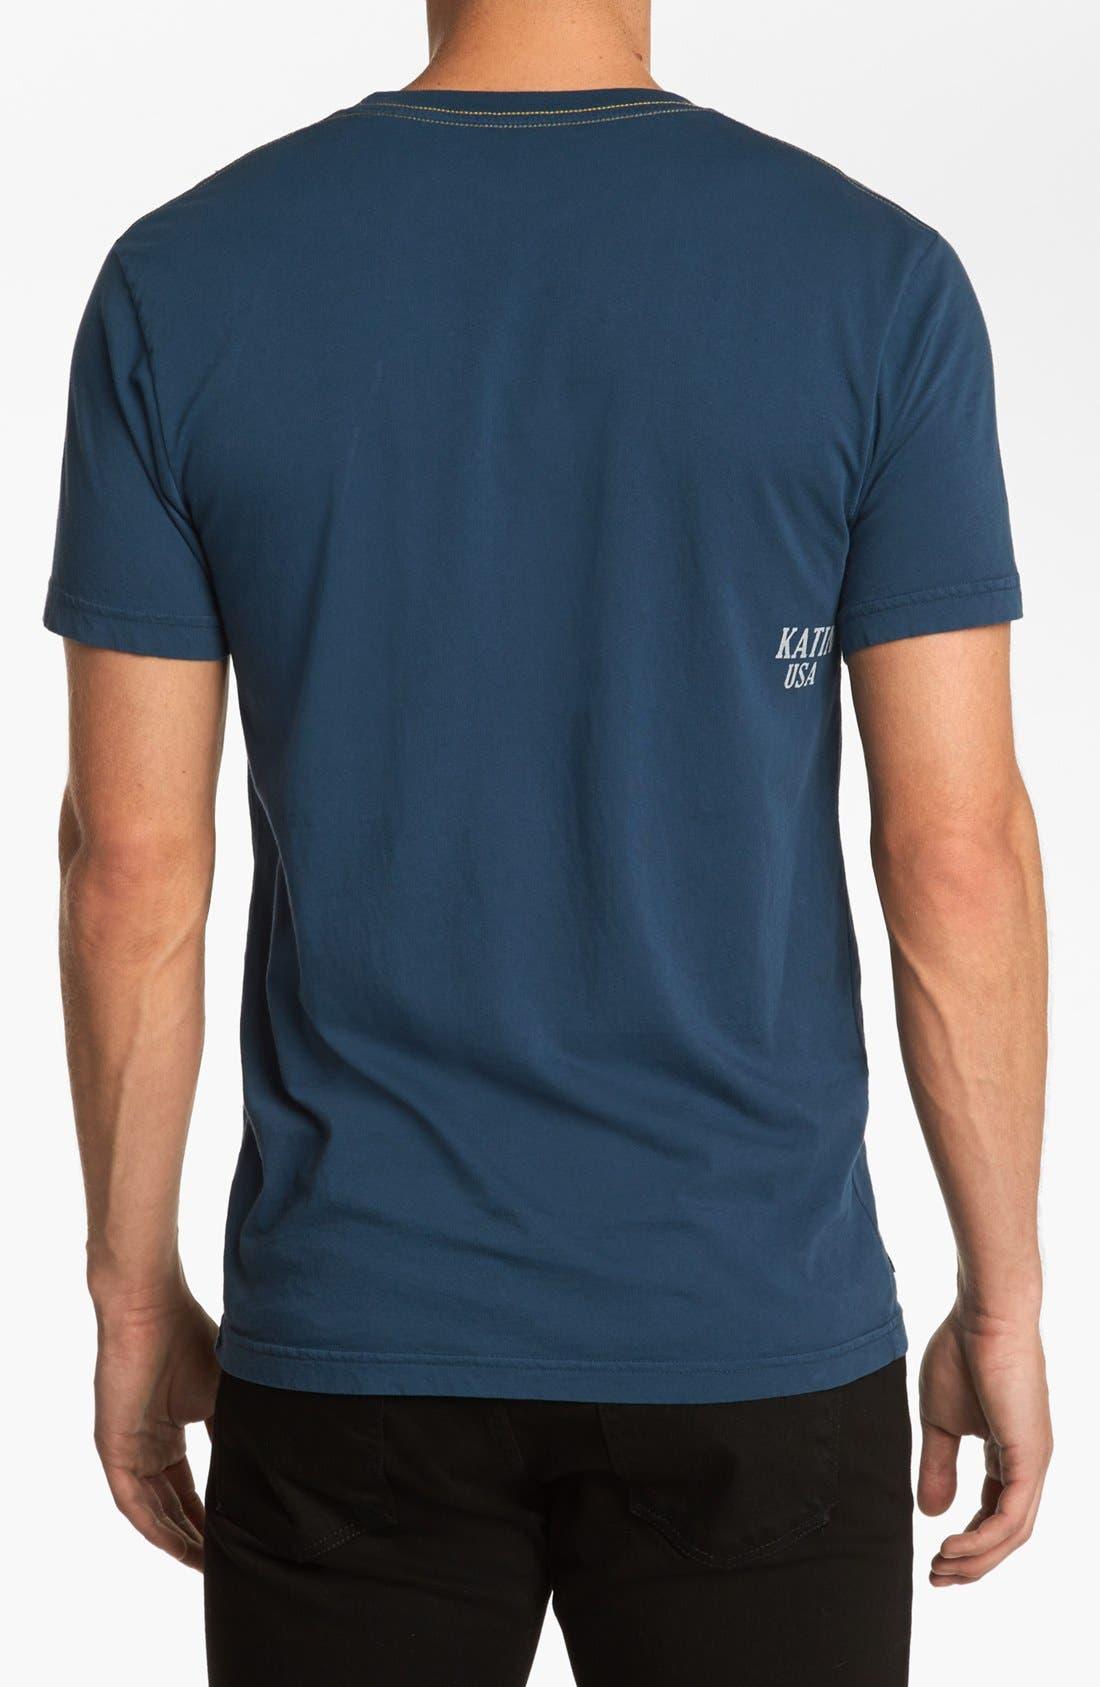 Alternate Image 2  - Katin 'Freedom' T-Shirt